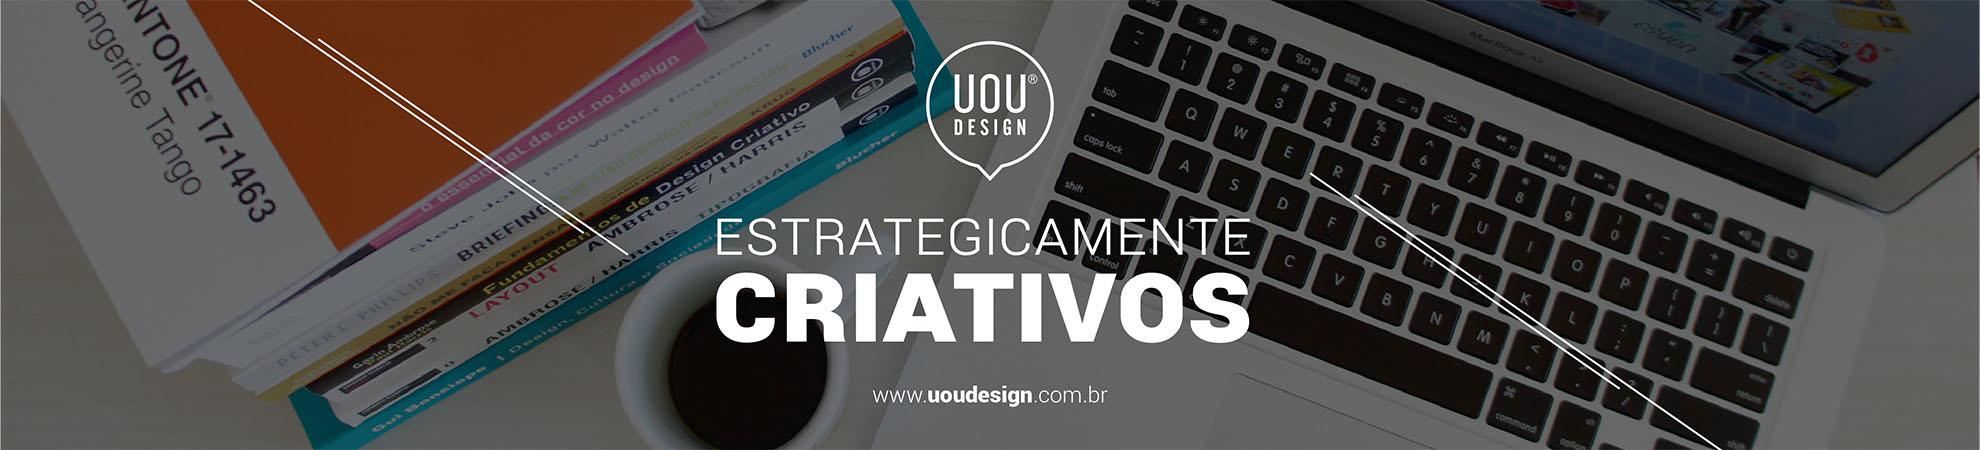 Uou Design